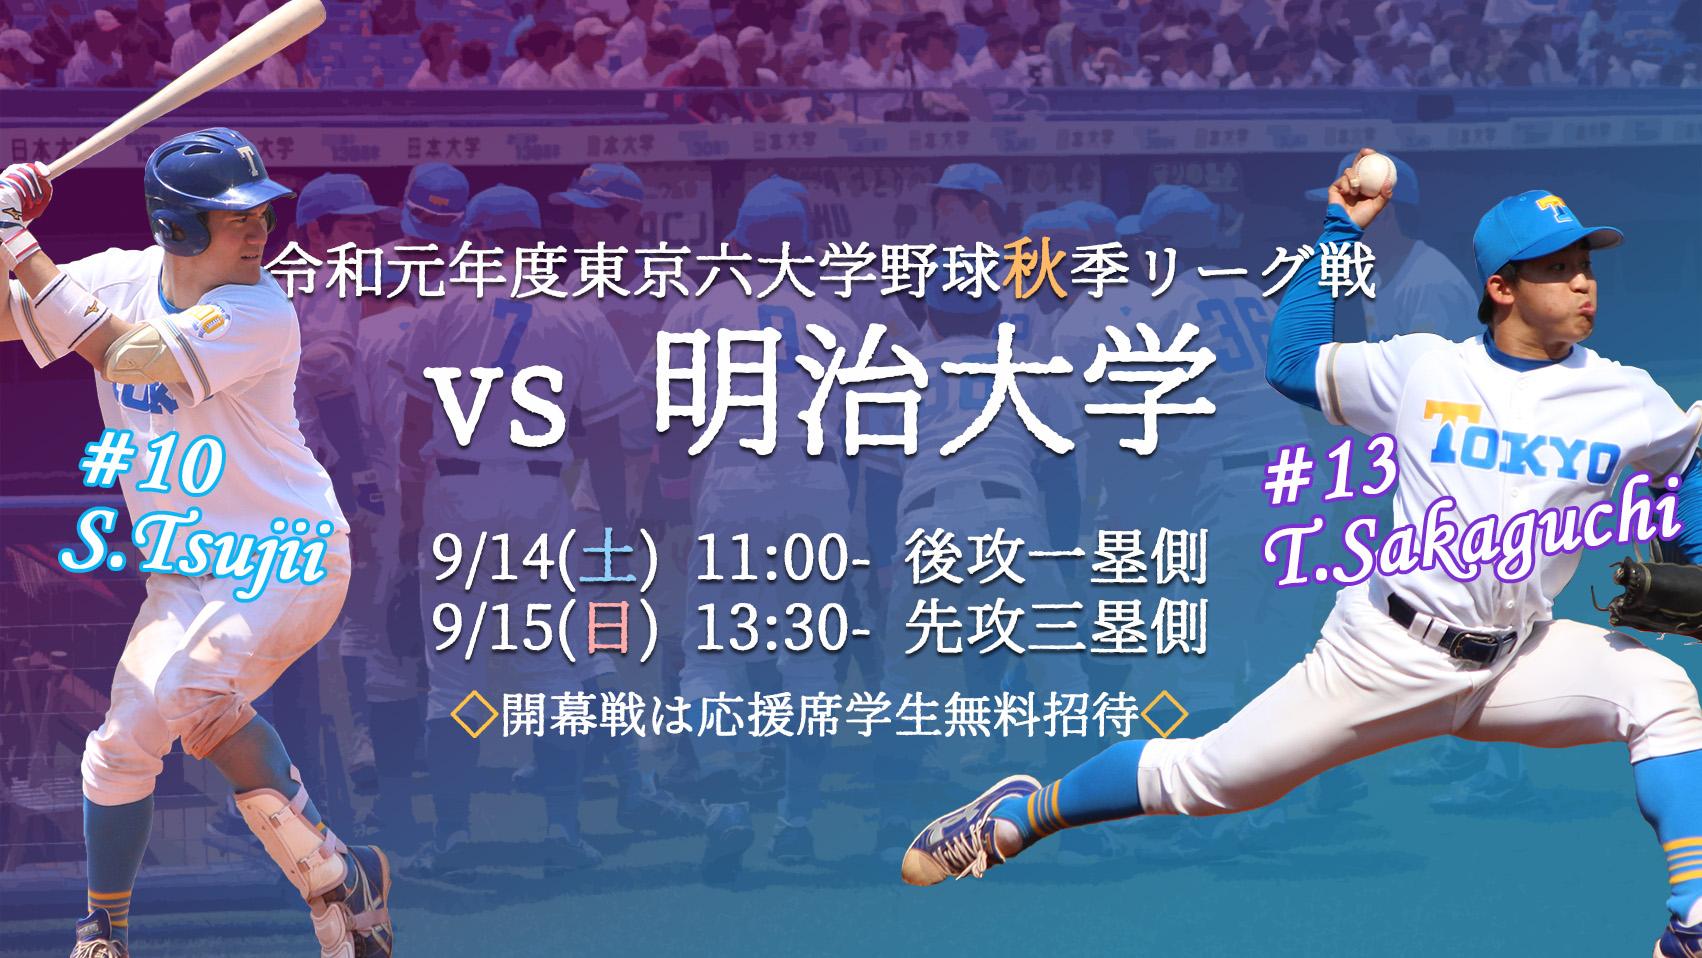 Facebookカバー_秋季リーグ戦vsM